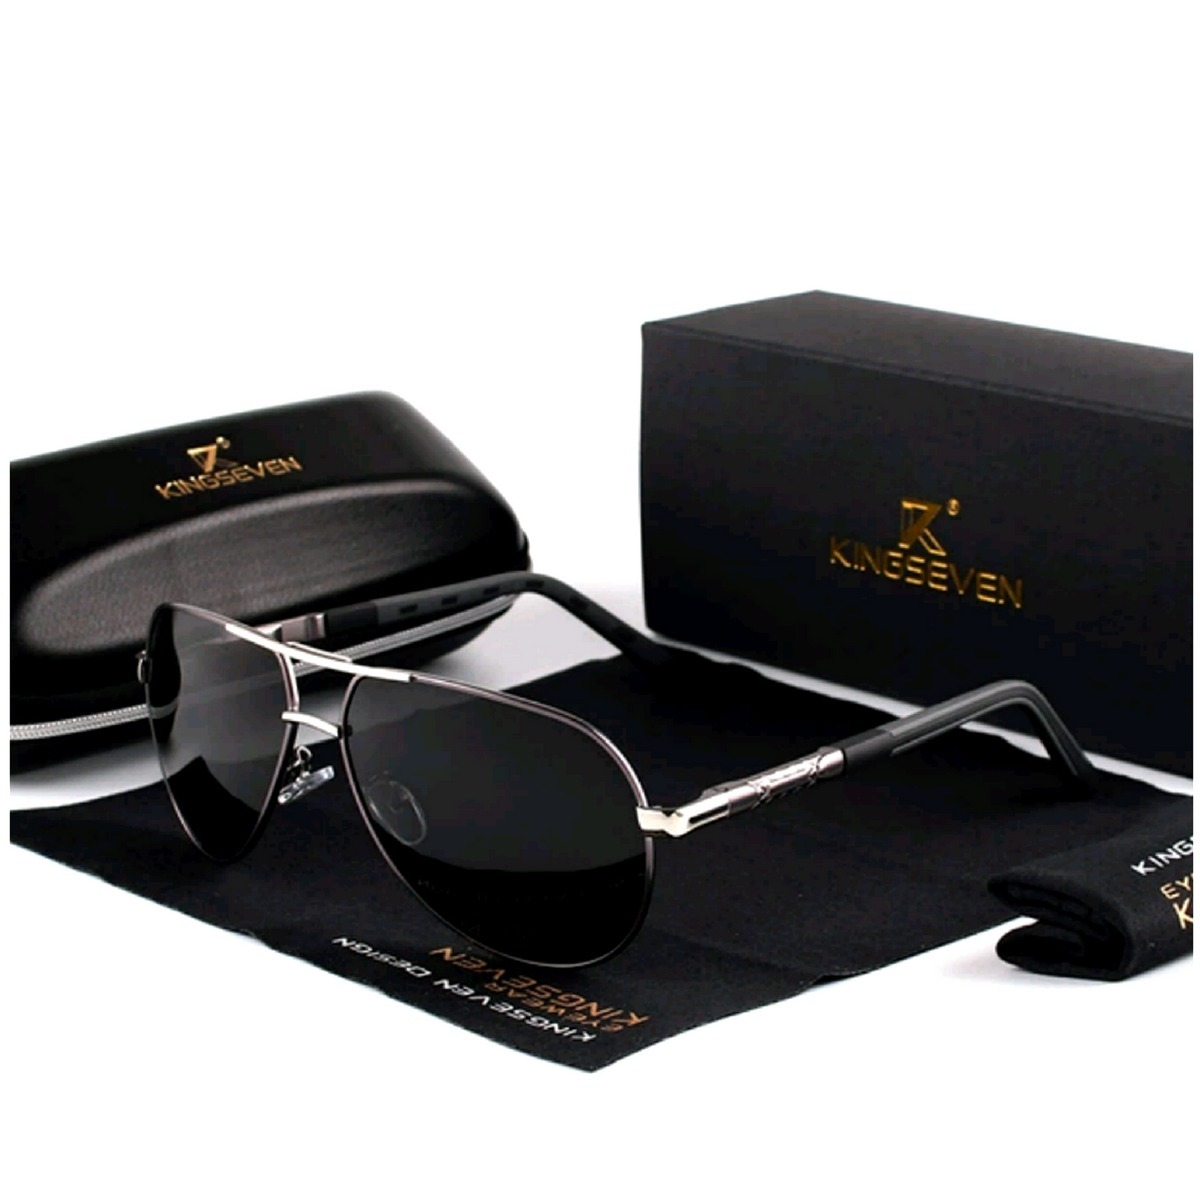 4f80ccd8c Óculos De Sol Masculino Dos Homens Óculos De Sol - R$ 188,95 em ...